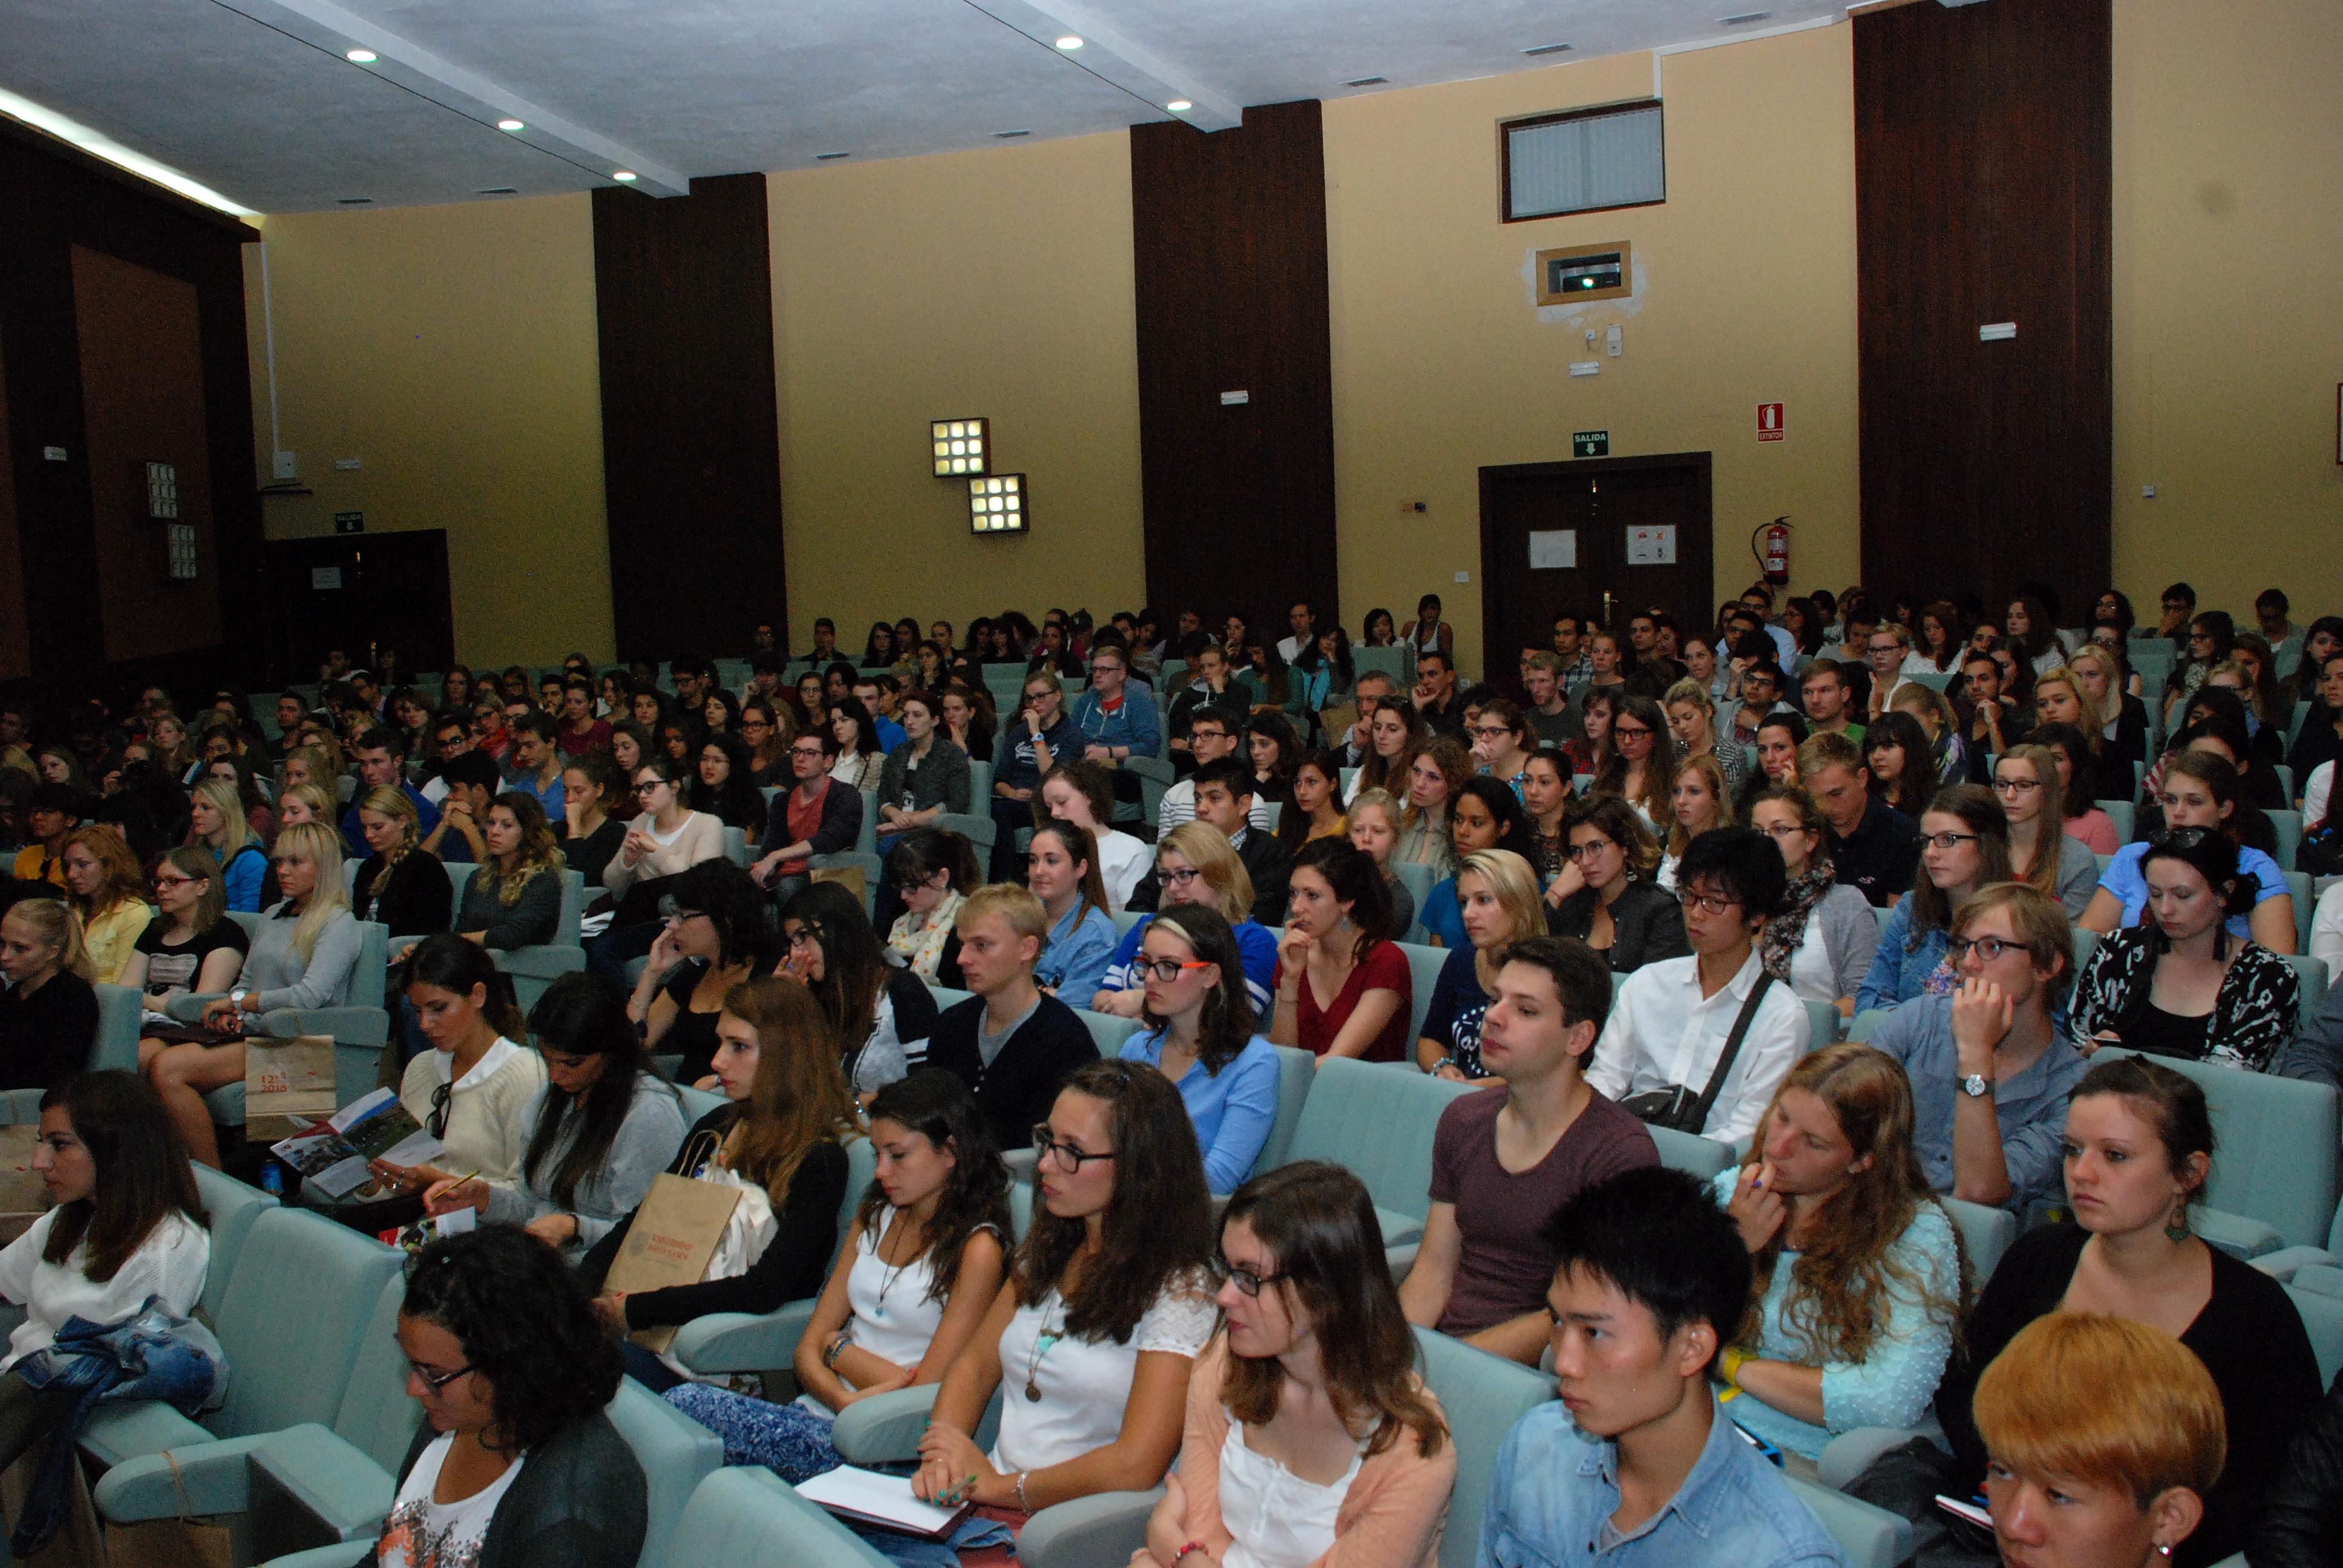 Las vicerrectoras de Internacionalización y de Atención al Estudiante reciben a los estudiantes extranjeros de los programas de movilidad de la Universidad de Salamanca